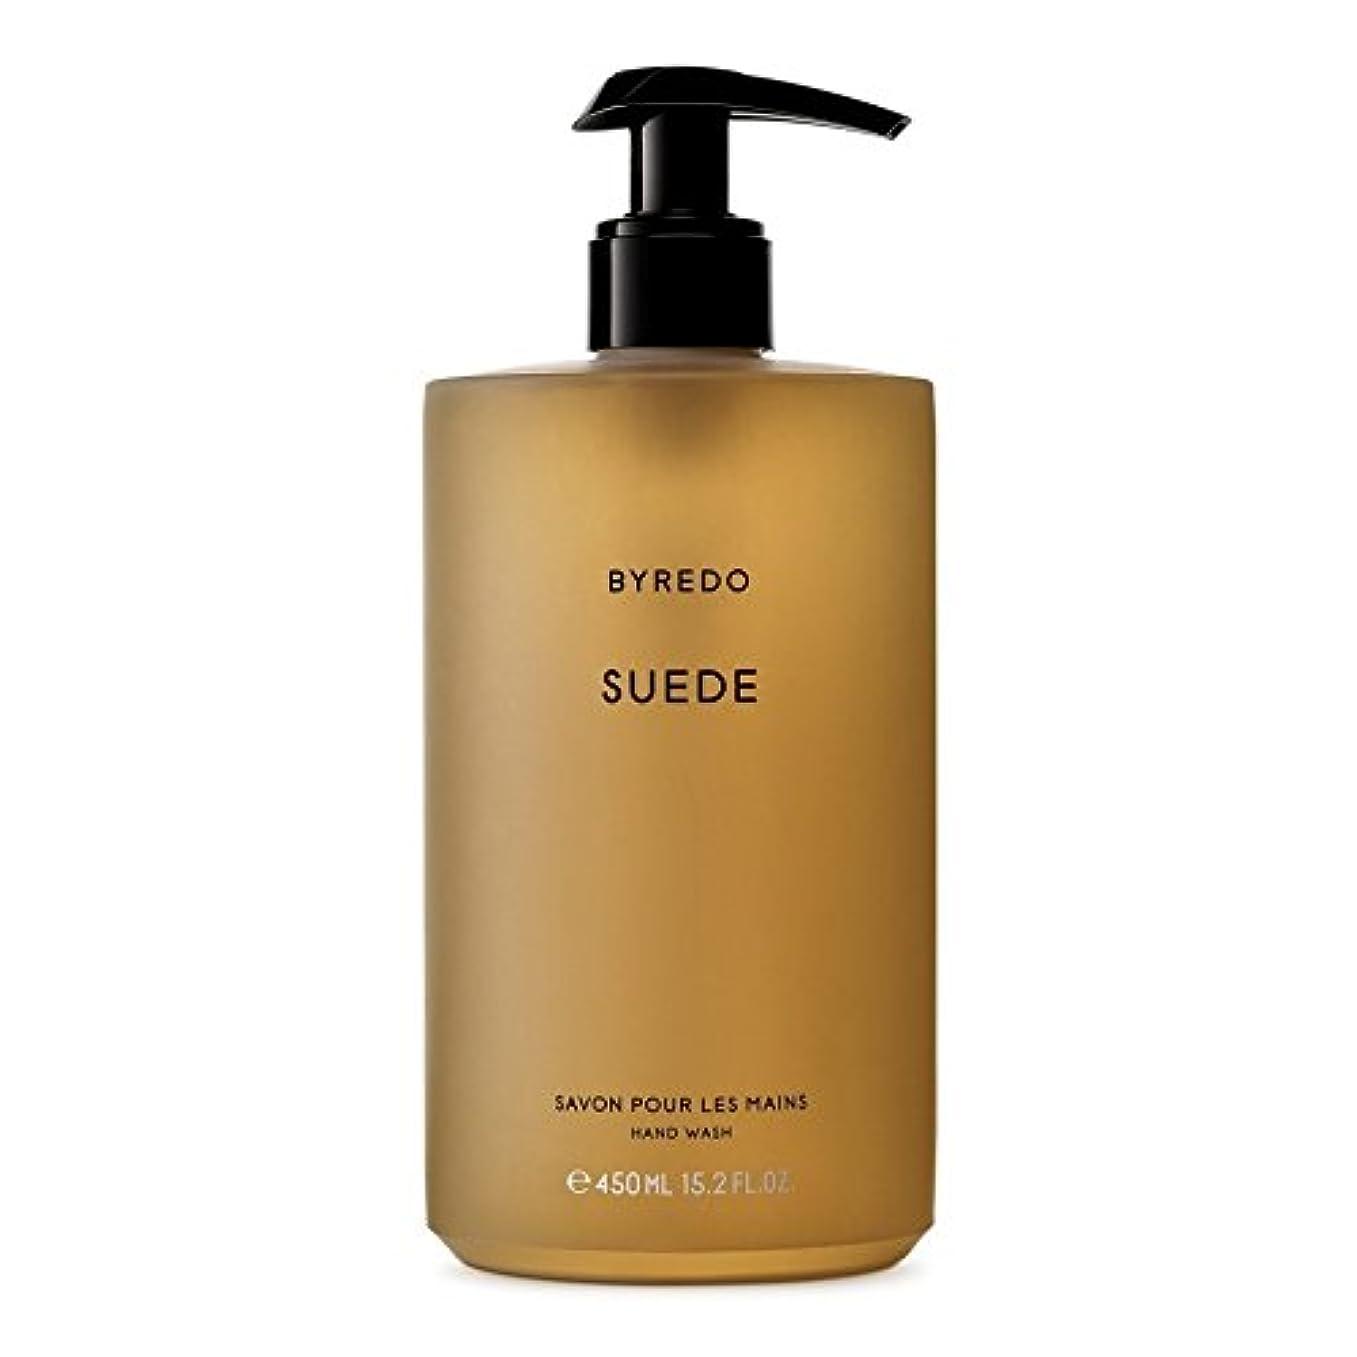 メンター忘れるユニークなByredo Suede Hand Wash 450ml - スエードのハンドウォッシュ450ミリリットル [並行輸入品]